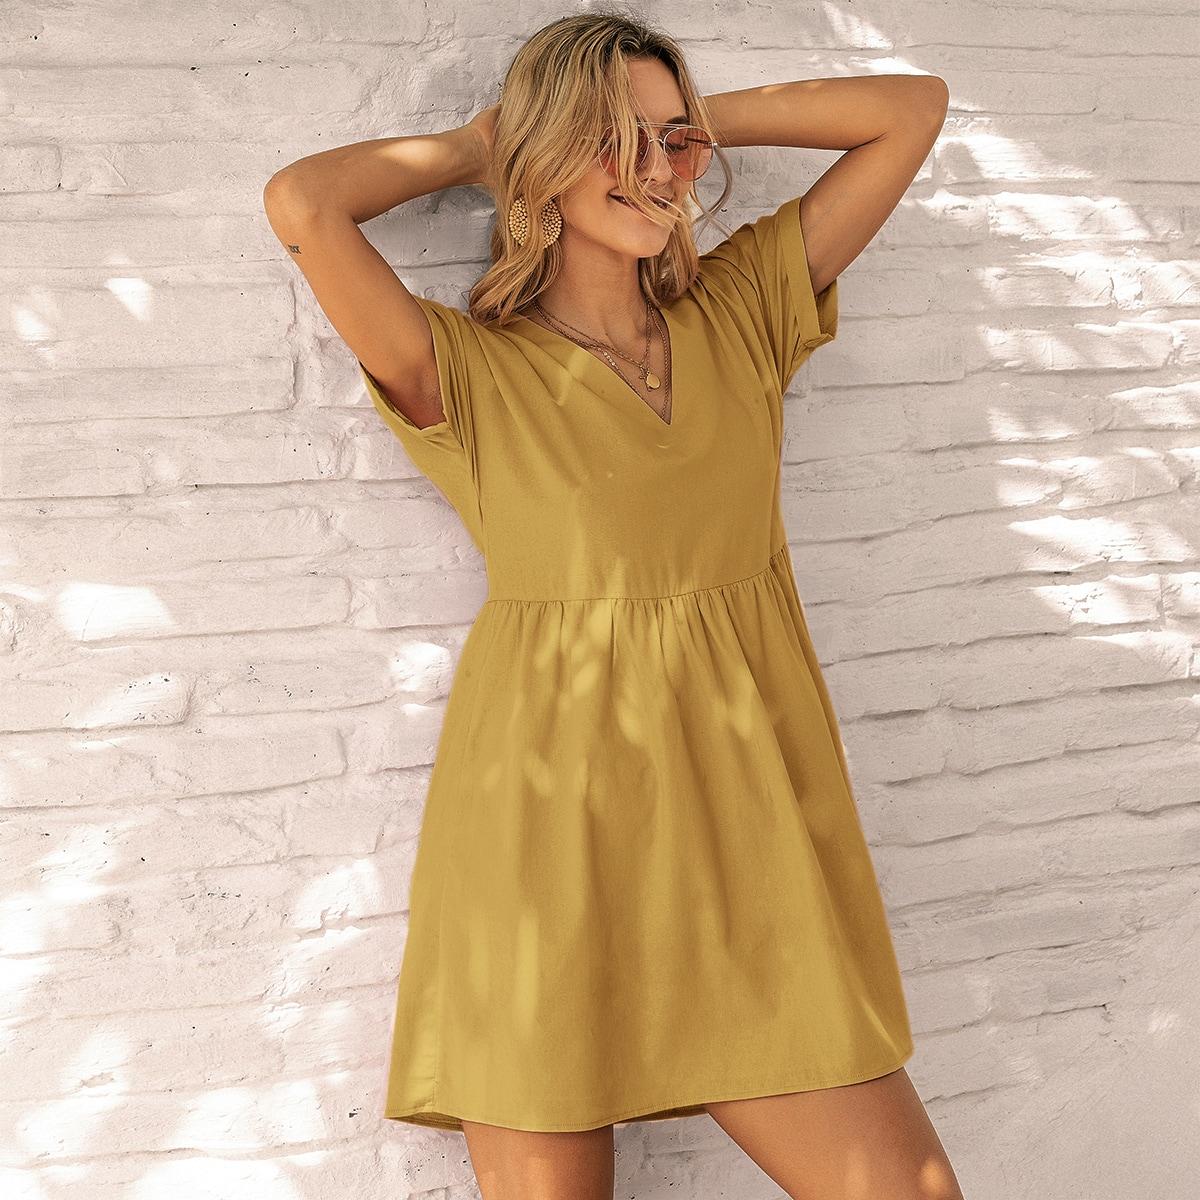 Горчично-желтый Одноцветный Повседневный Платья фото